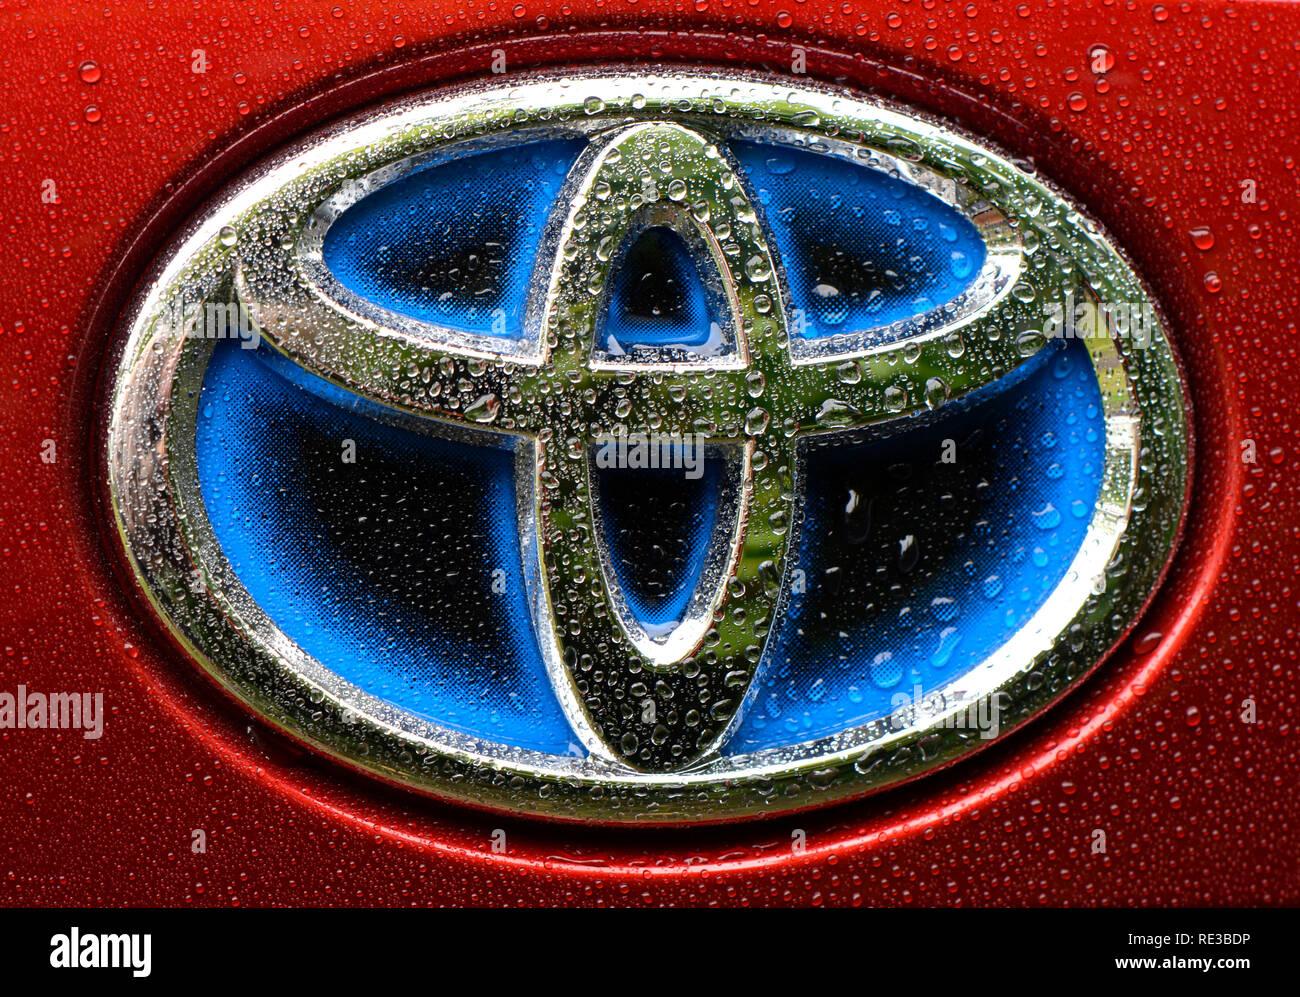 Berlín, Alemania - 8 de septiembre de 2017: azul para el logotipo de la compañía de coches híbridos de Toyota en un Toyota Prius 4 Imagen De Stock